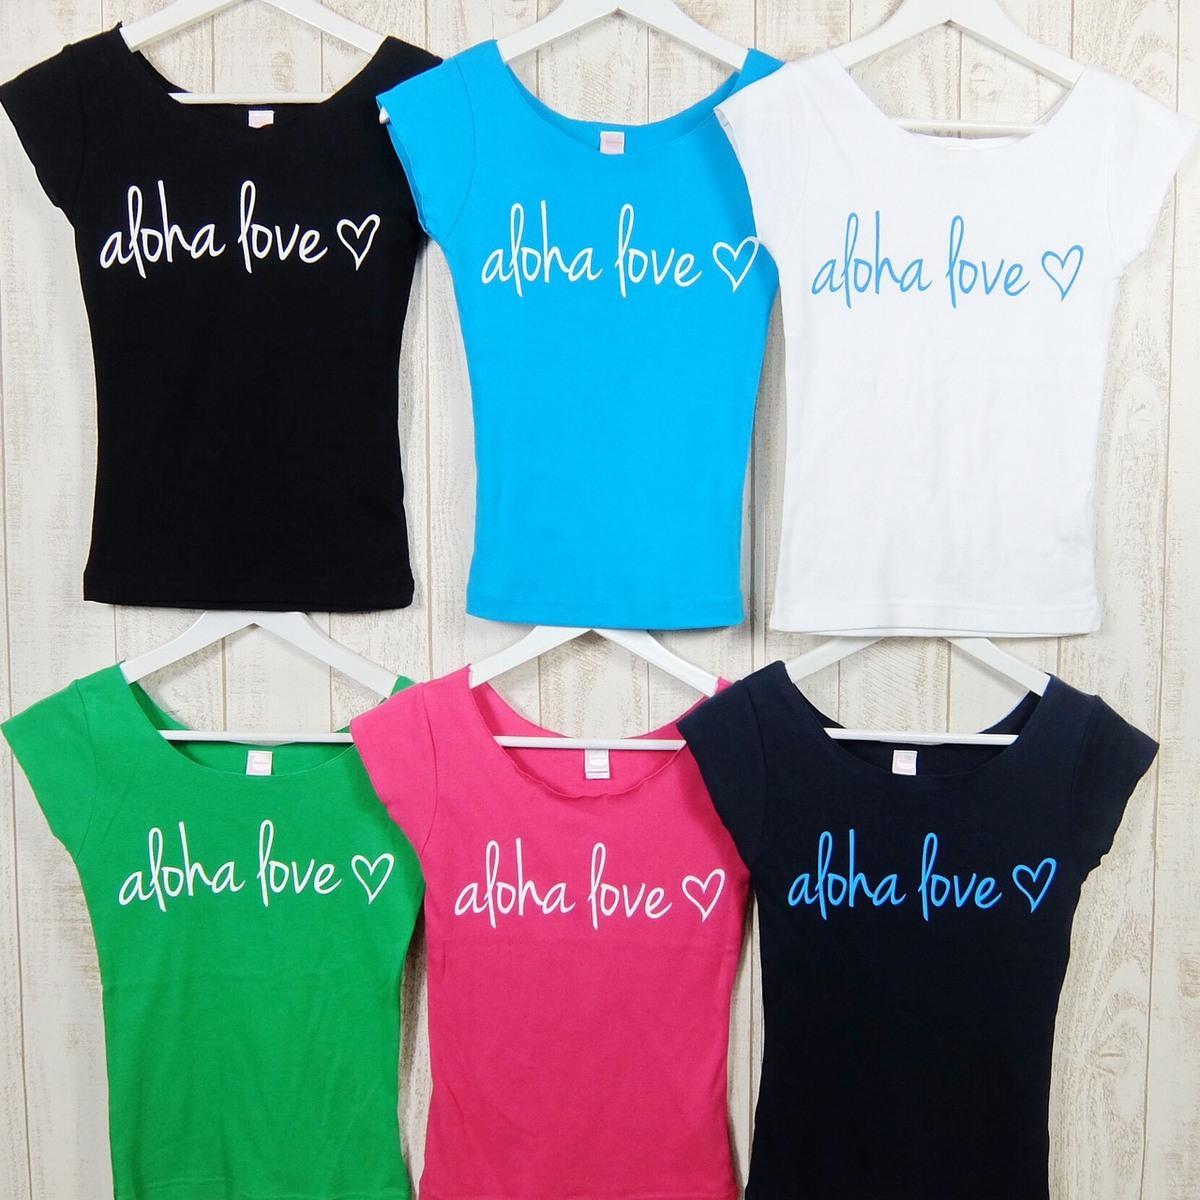 aloha loveプリントのフレンチスリーブTシャツ ネコポスOK love フレンチTシャツ フラTシャツ フラレッスン SALE 綿100 コットン ヨガ リゾート レディース 部屋着 プレゼント Poli ウォーキング ギフト ハワイ パウスカート ポリプメハナ 格安SALEスタート リラックス Pumehana